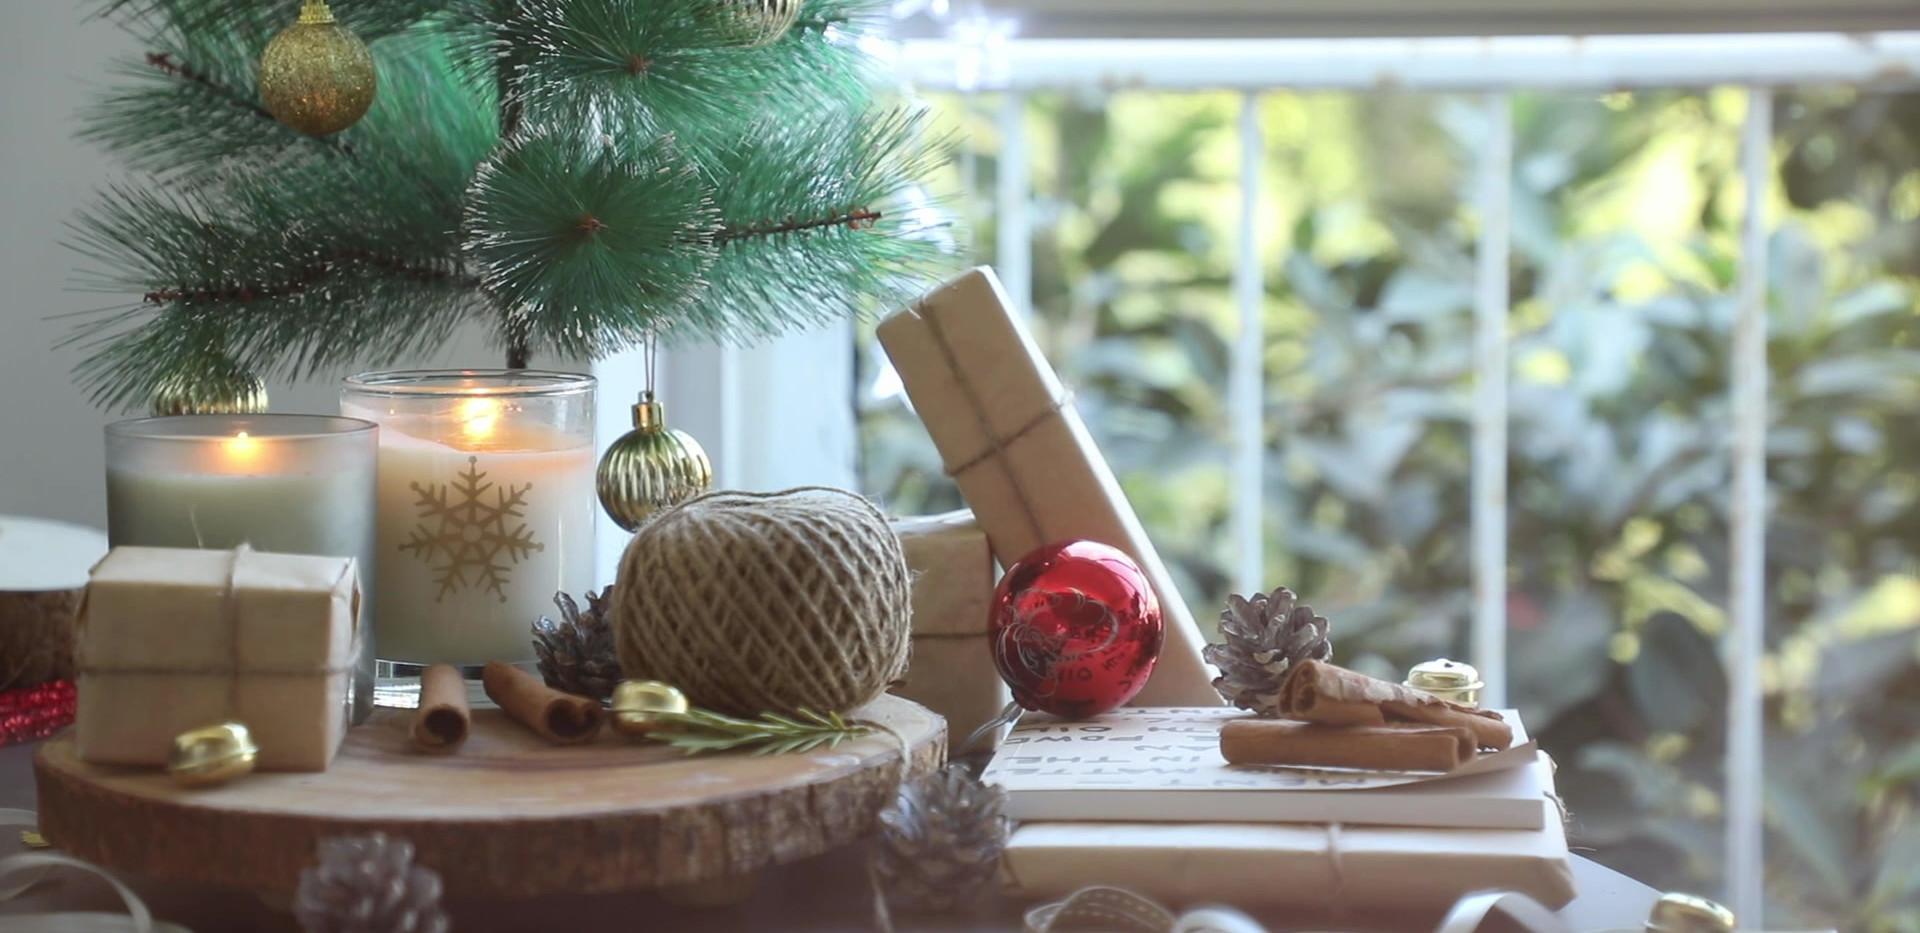 le jour de Noël